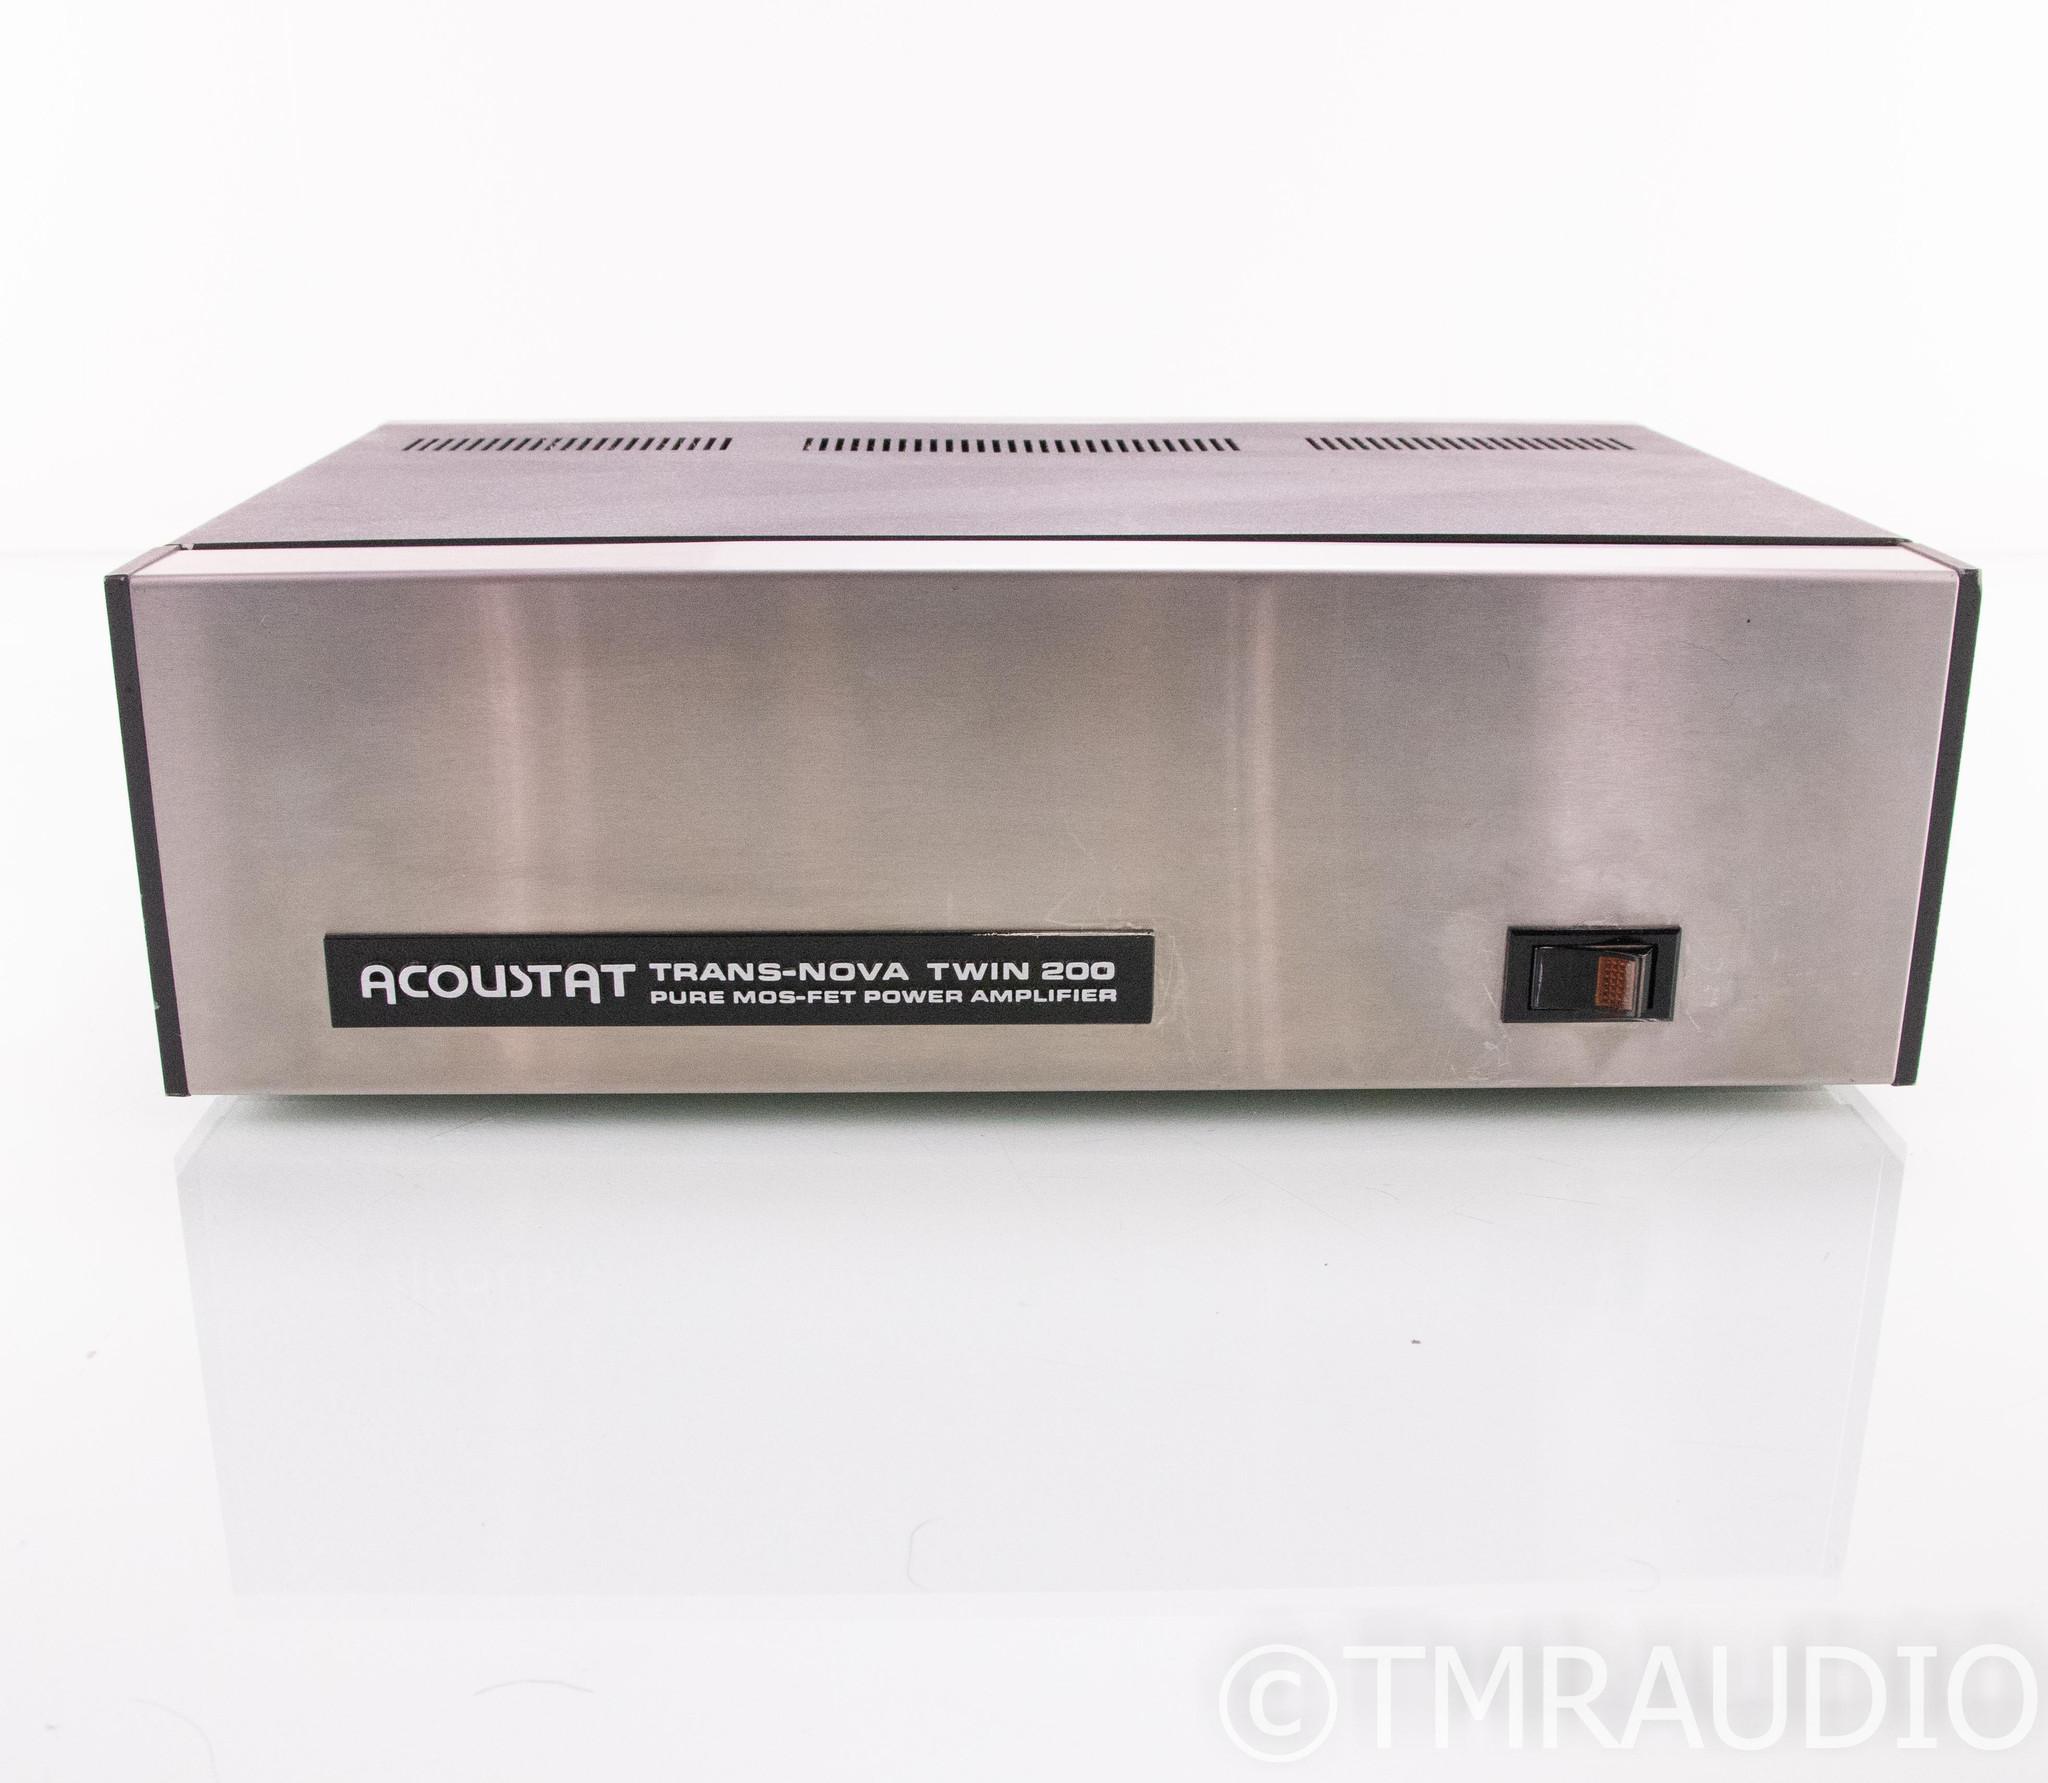 Acoustat Trans-Nova Twin 200 Stereo Power Amplifier